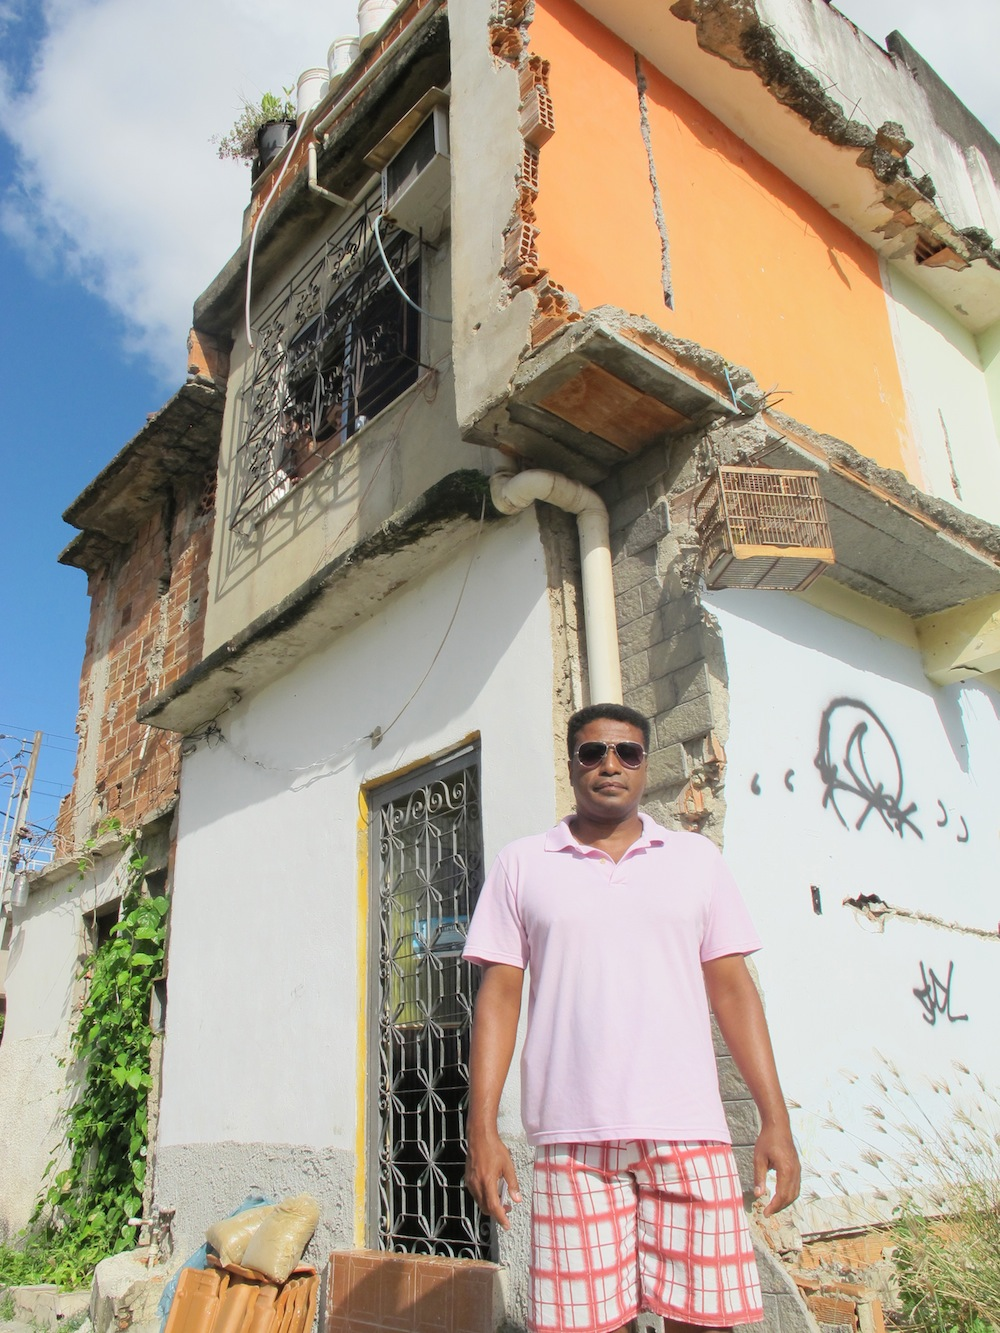 Vanderson-de-Guimarães-em-frente-a-sua-casa